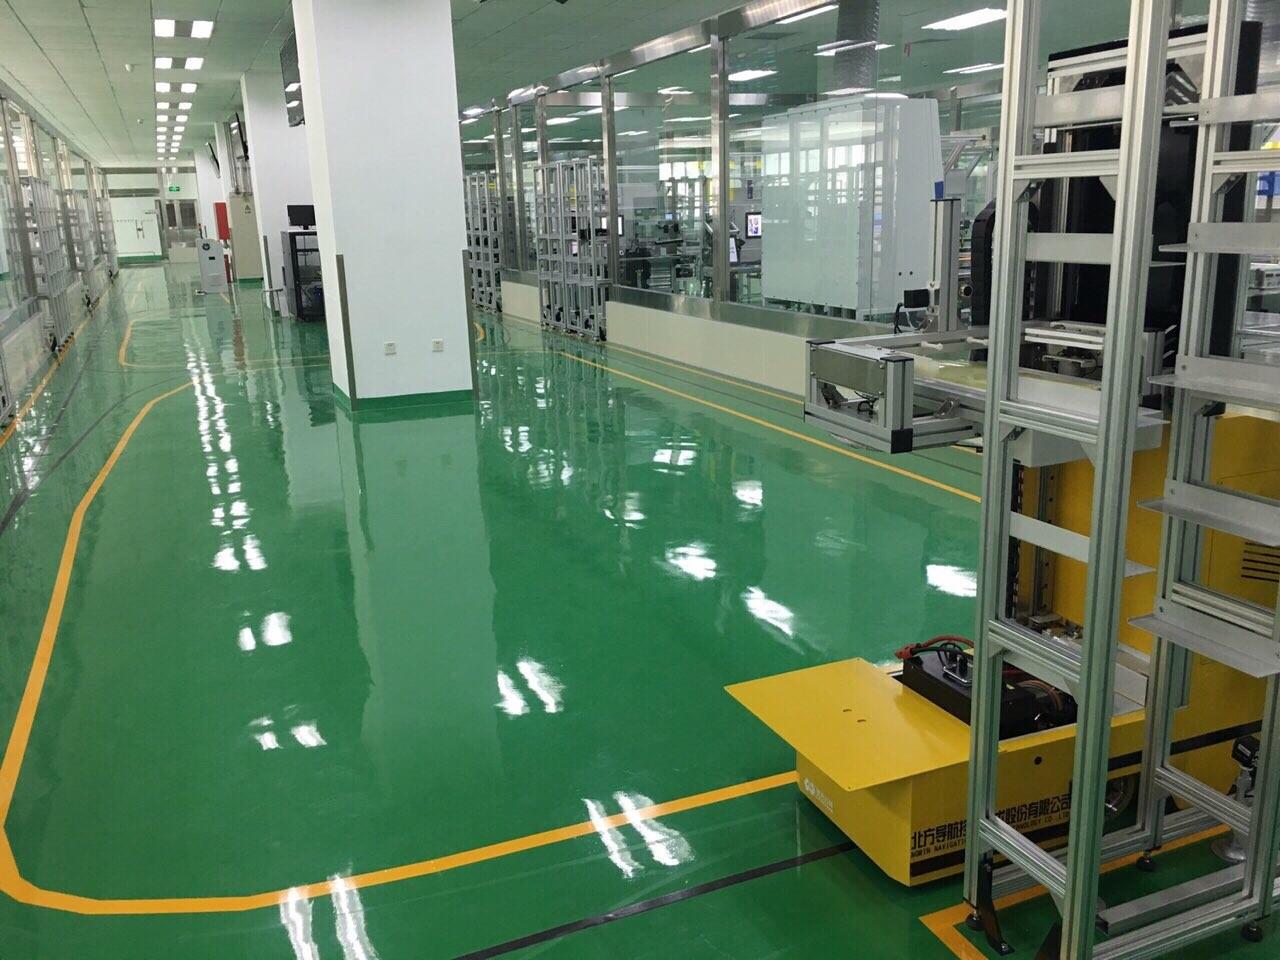 工厂常见的七大浪费,慧都aps高级计划排产系统帮您解决